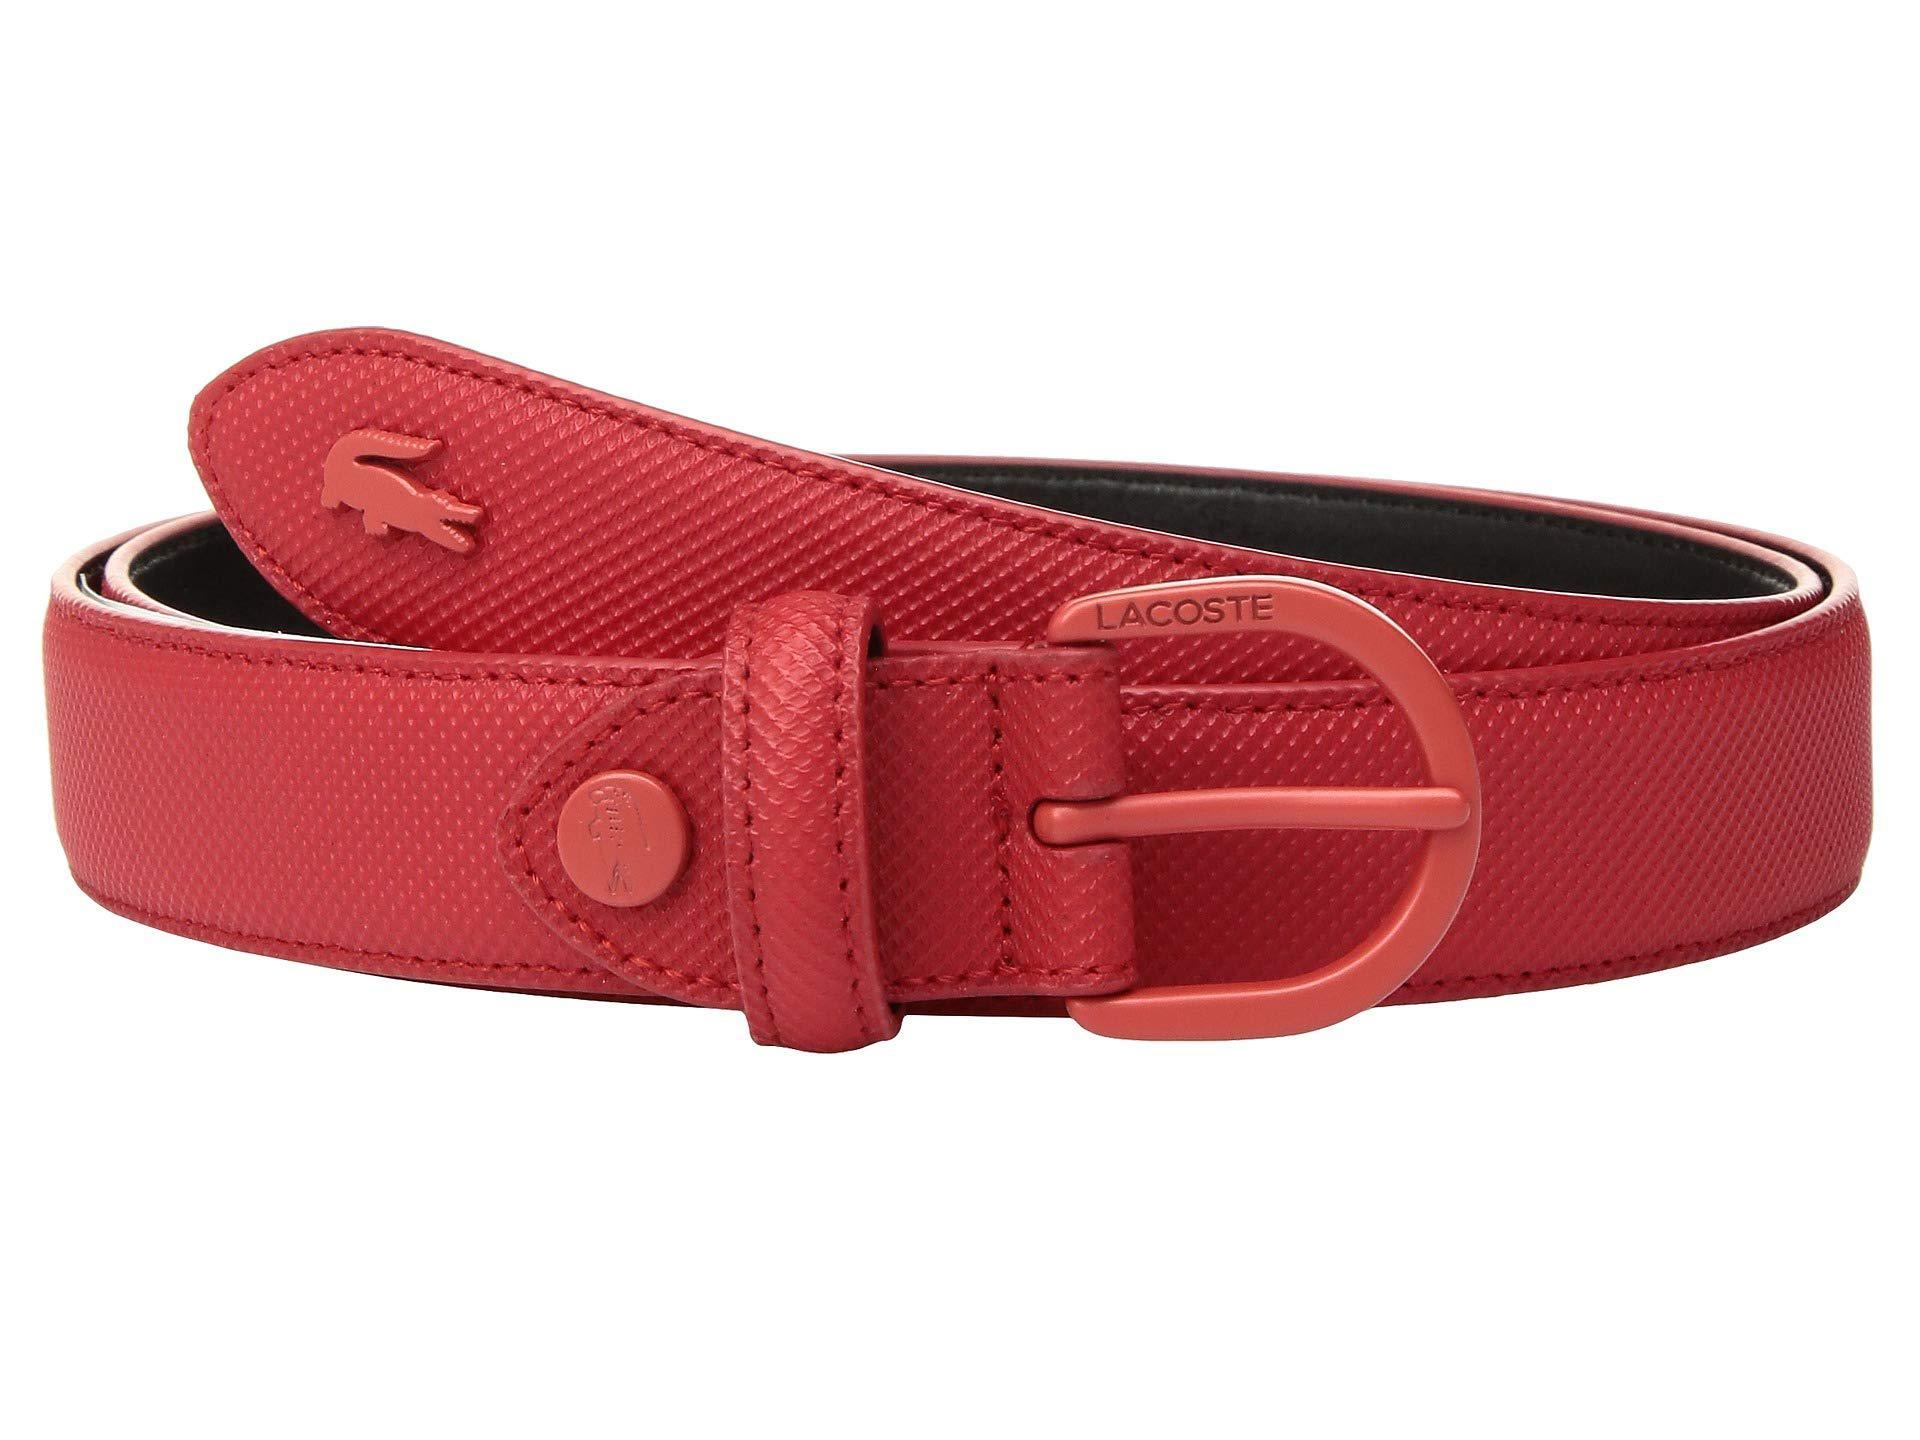 b53deb82c66af Lyst - Lacoste L.12.12 Pique Pvc Belt in Red